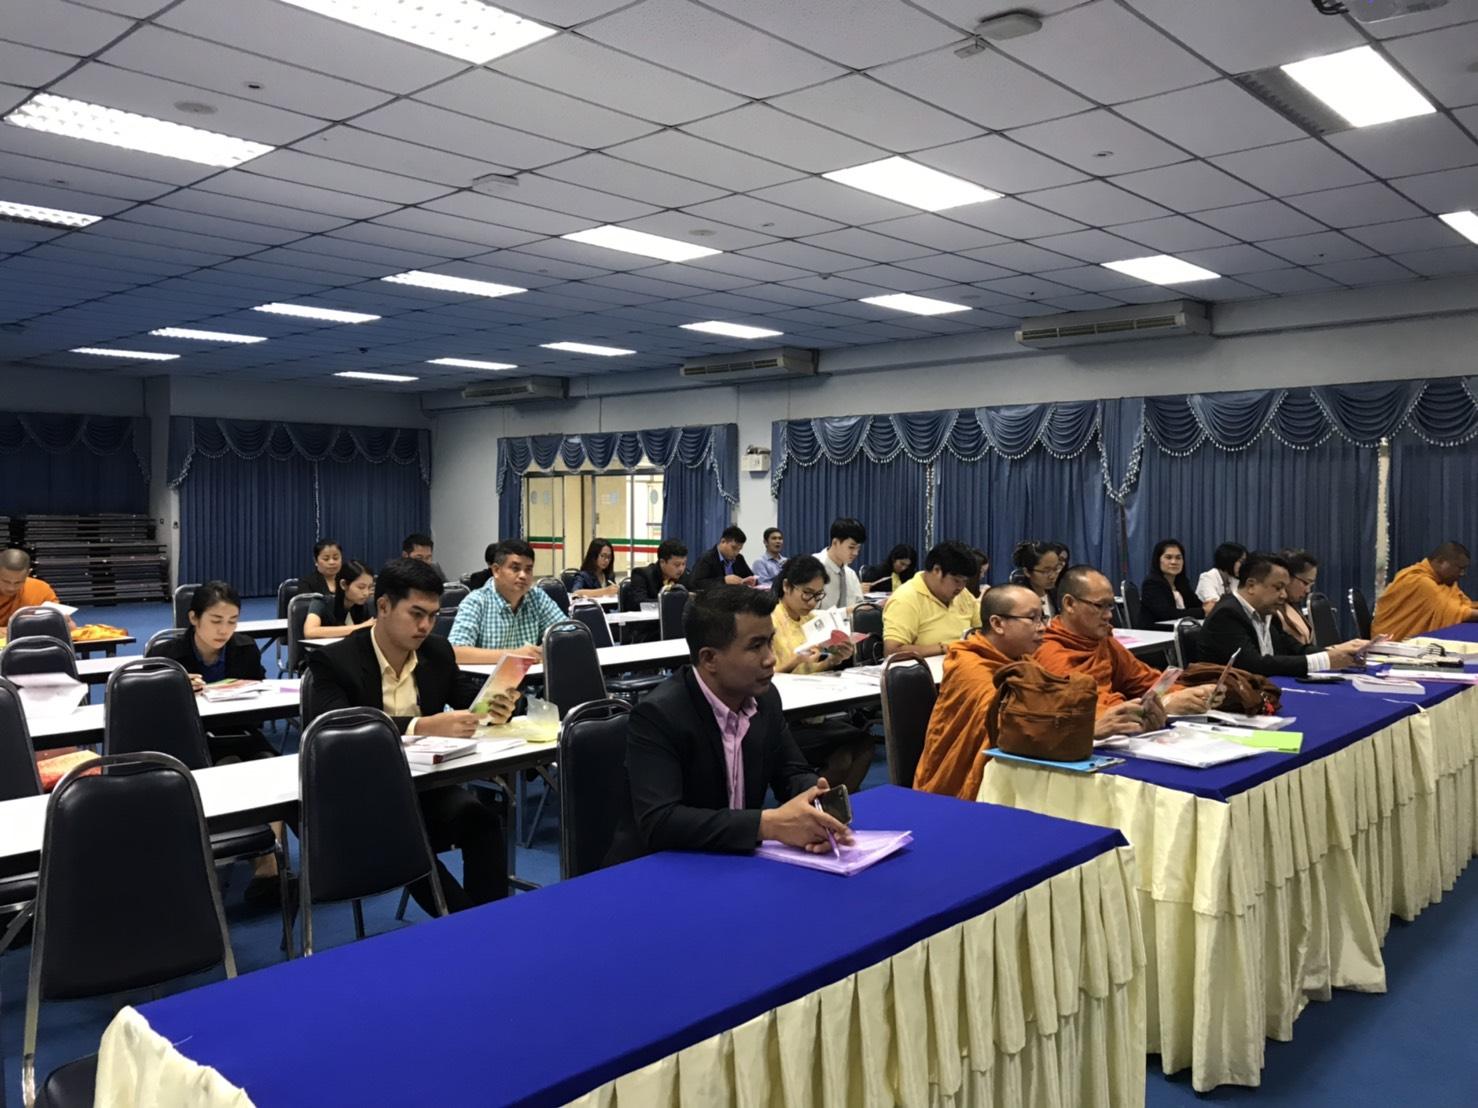 การรับรายงานตัวและปฐมนิเทศนักศึกษา ภาคเรียนที่ 2/2562